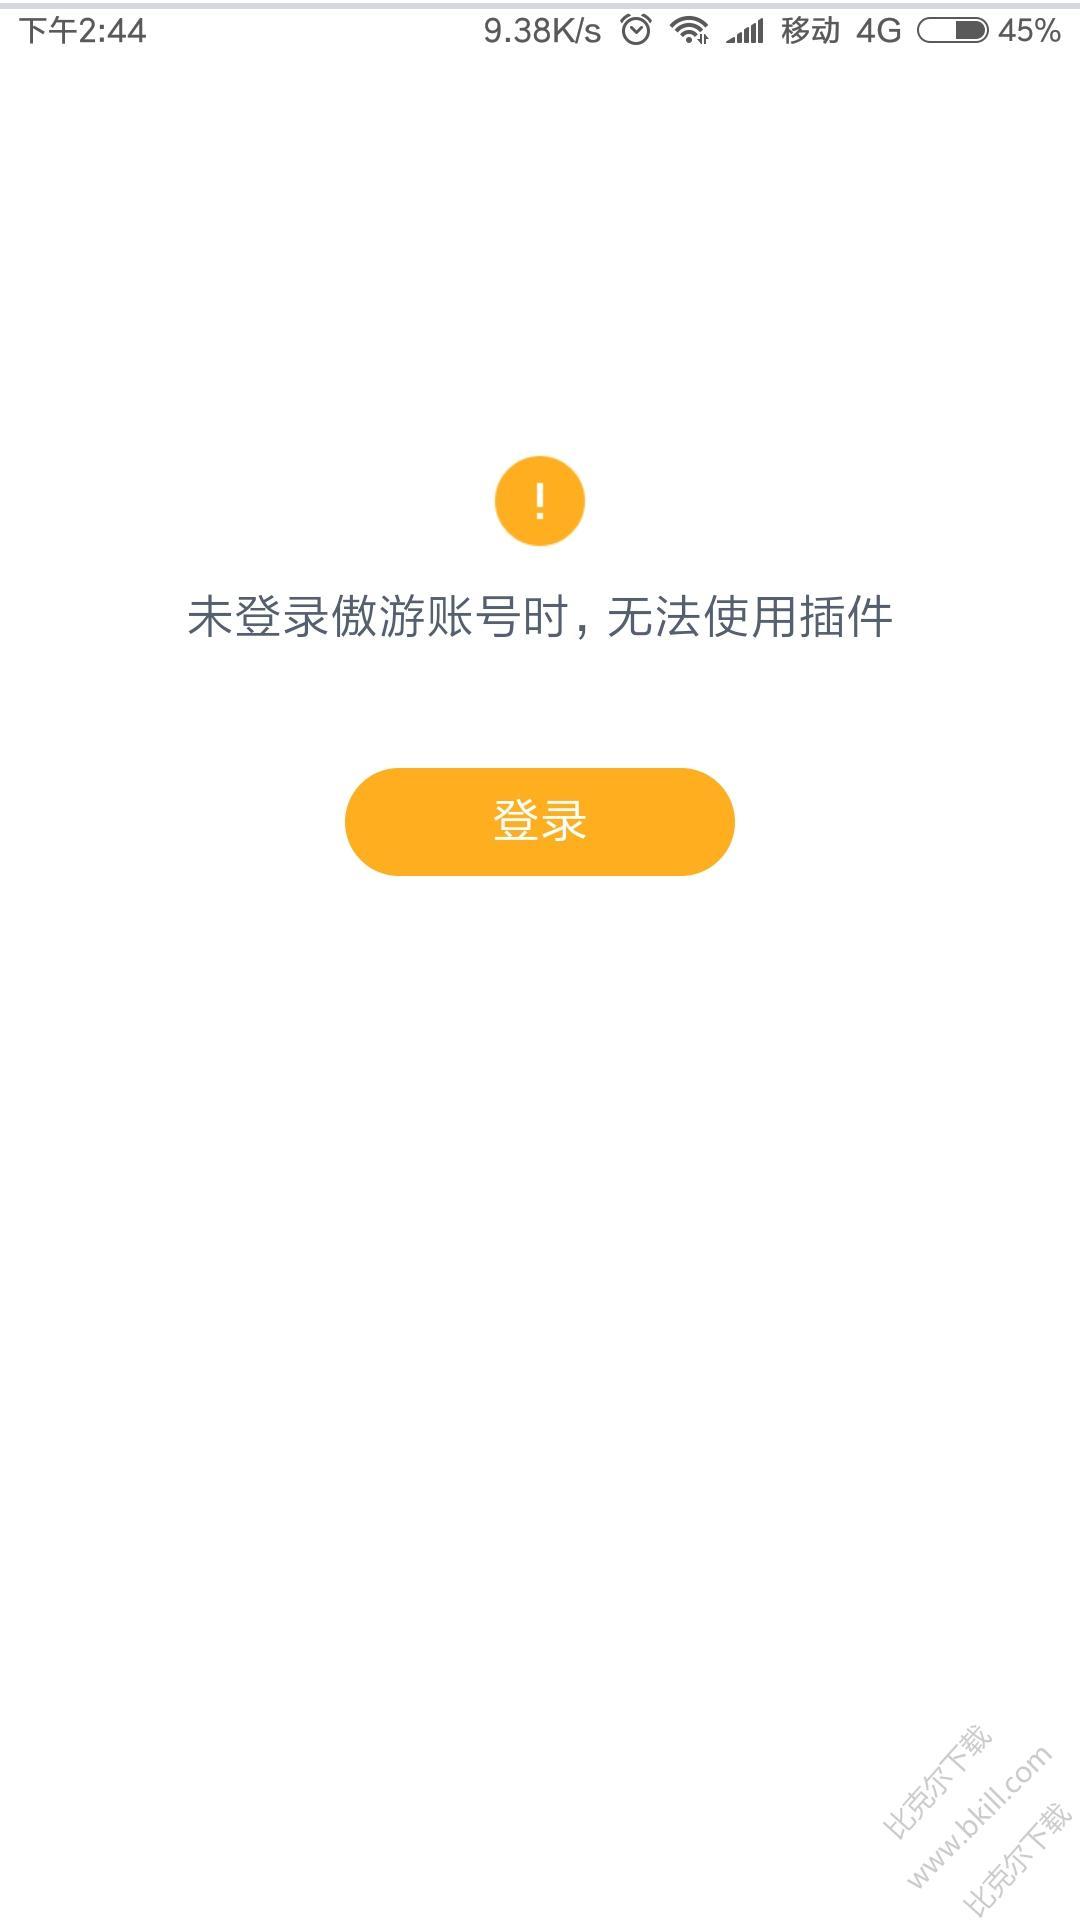 傲游挖矿浏览器手机版